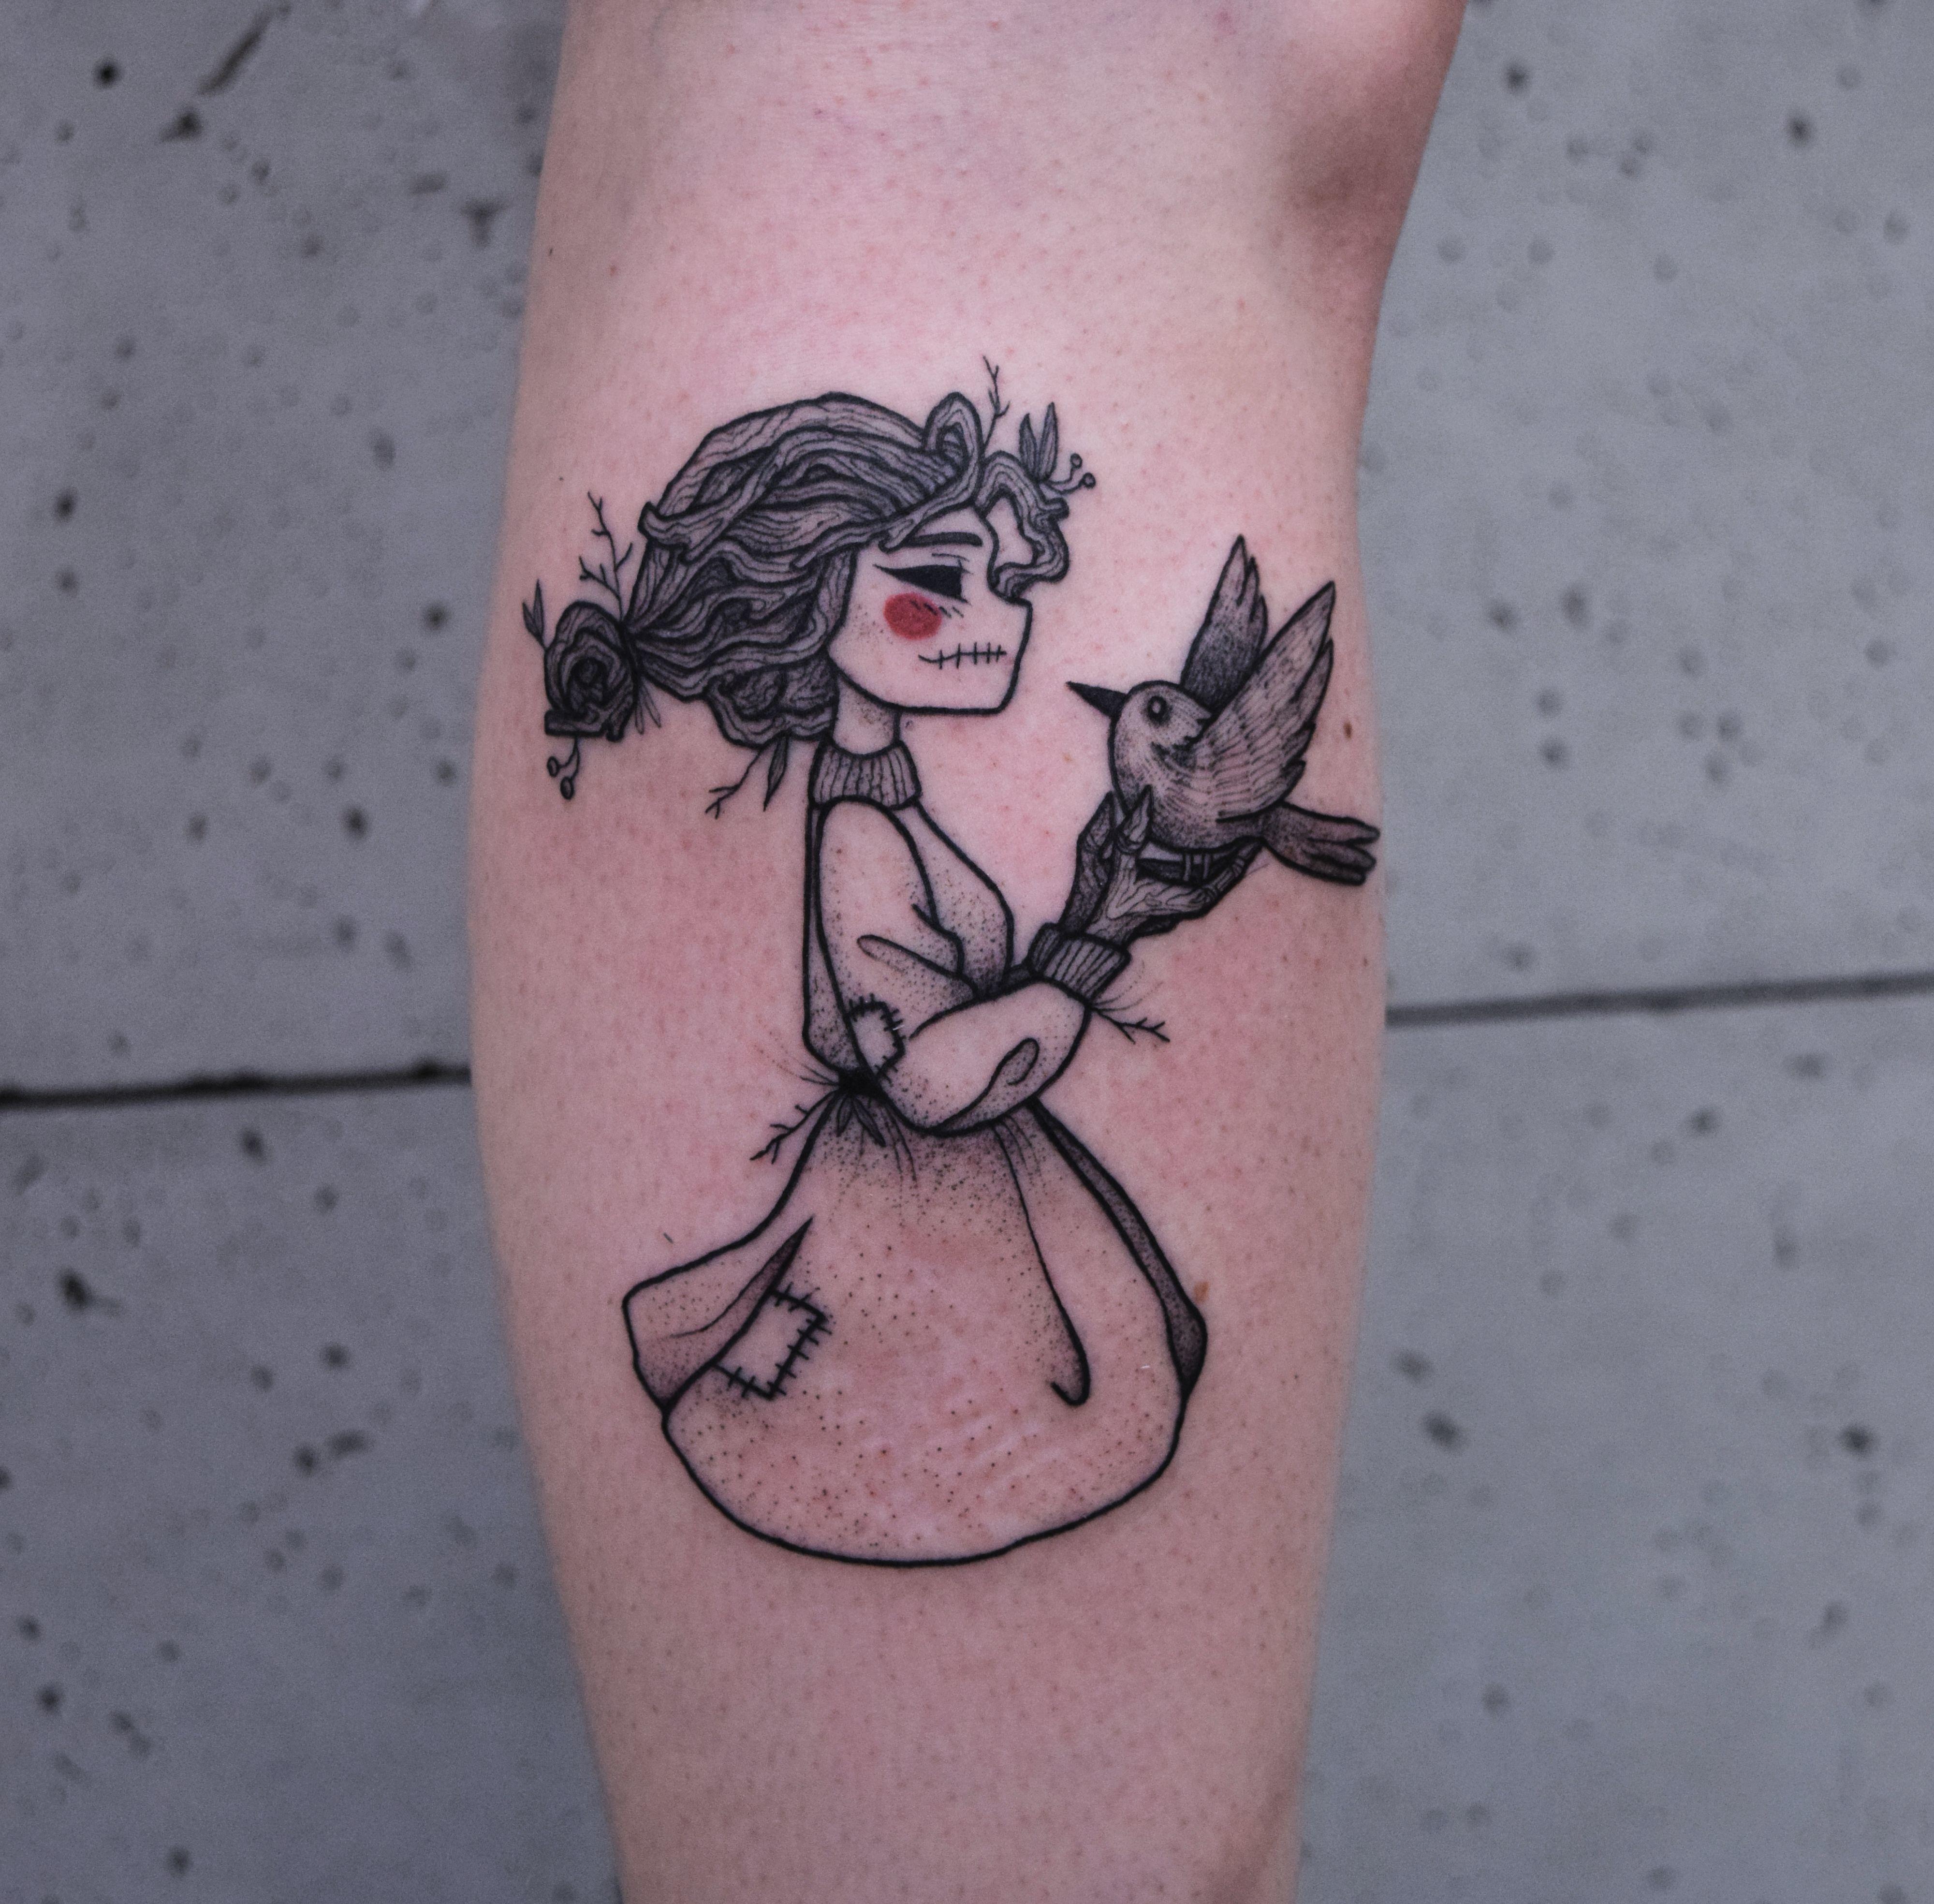 Inksearch tattoo Megusława